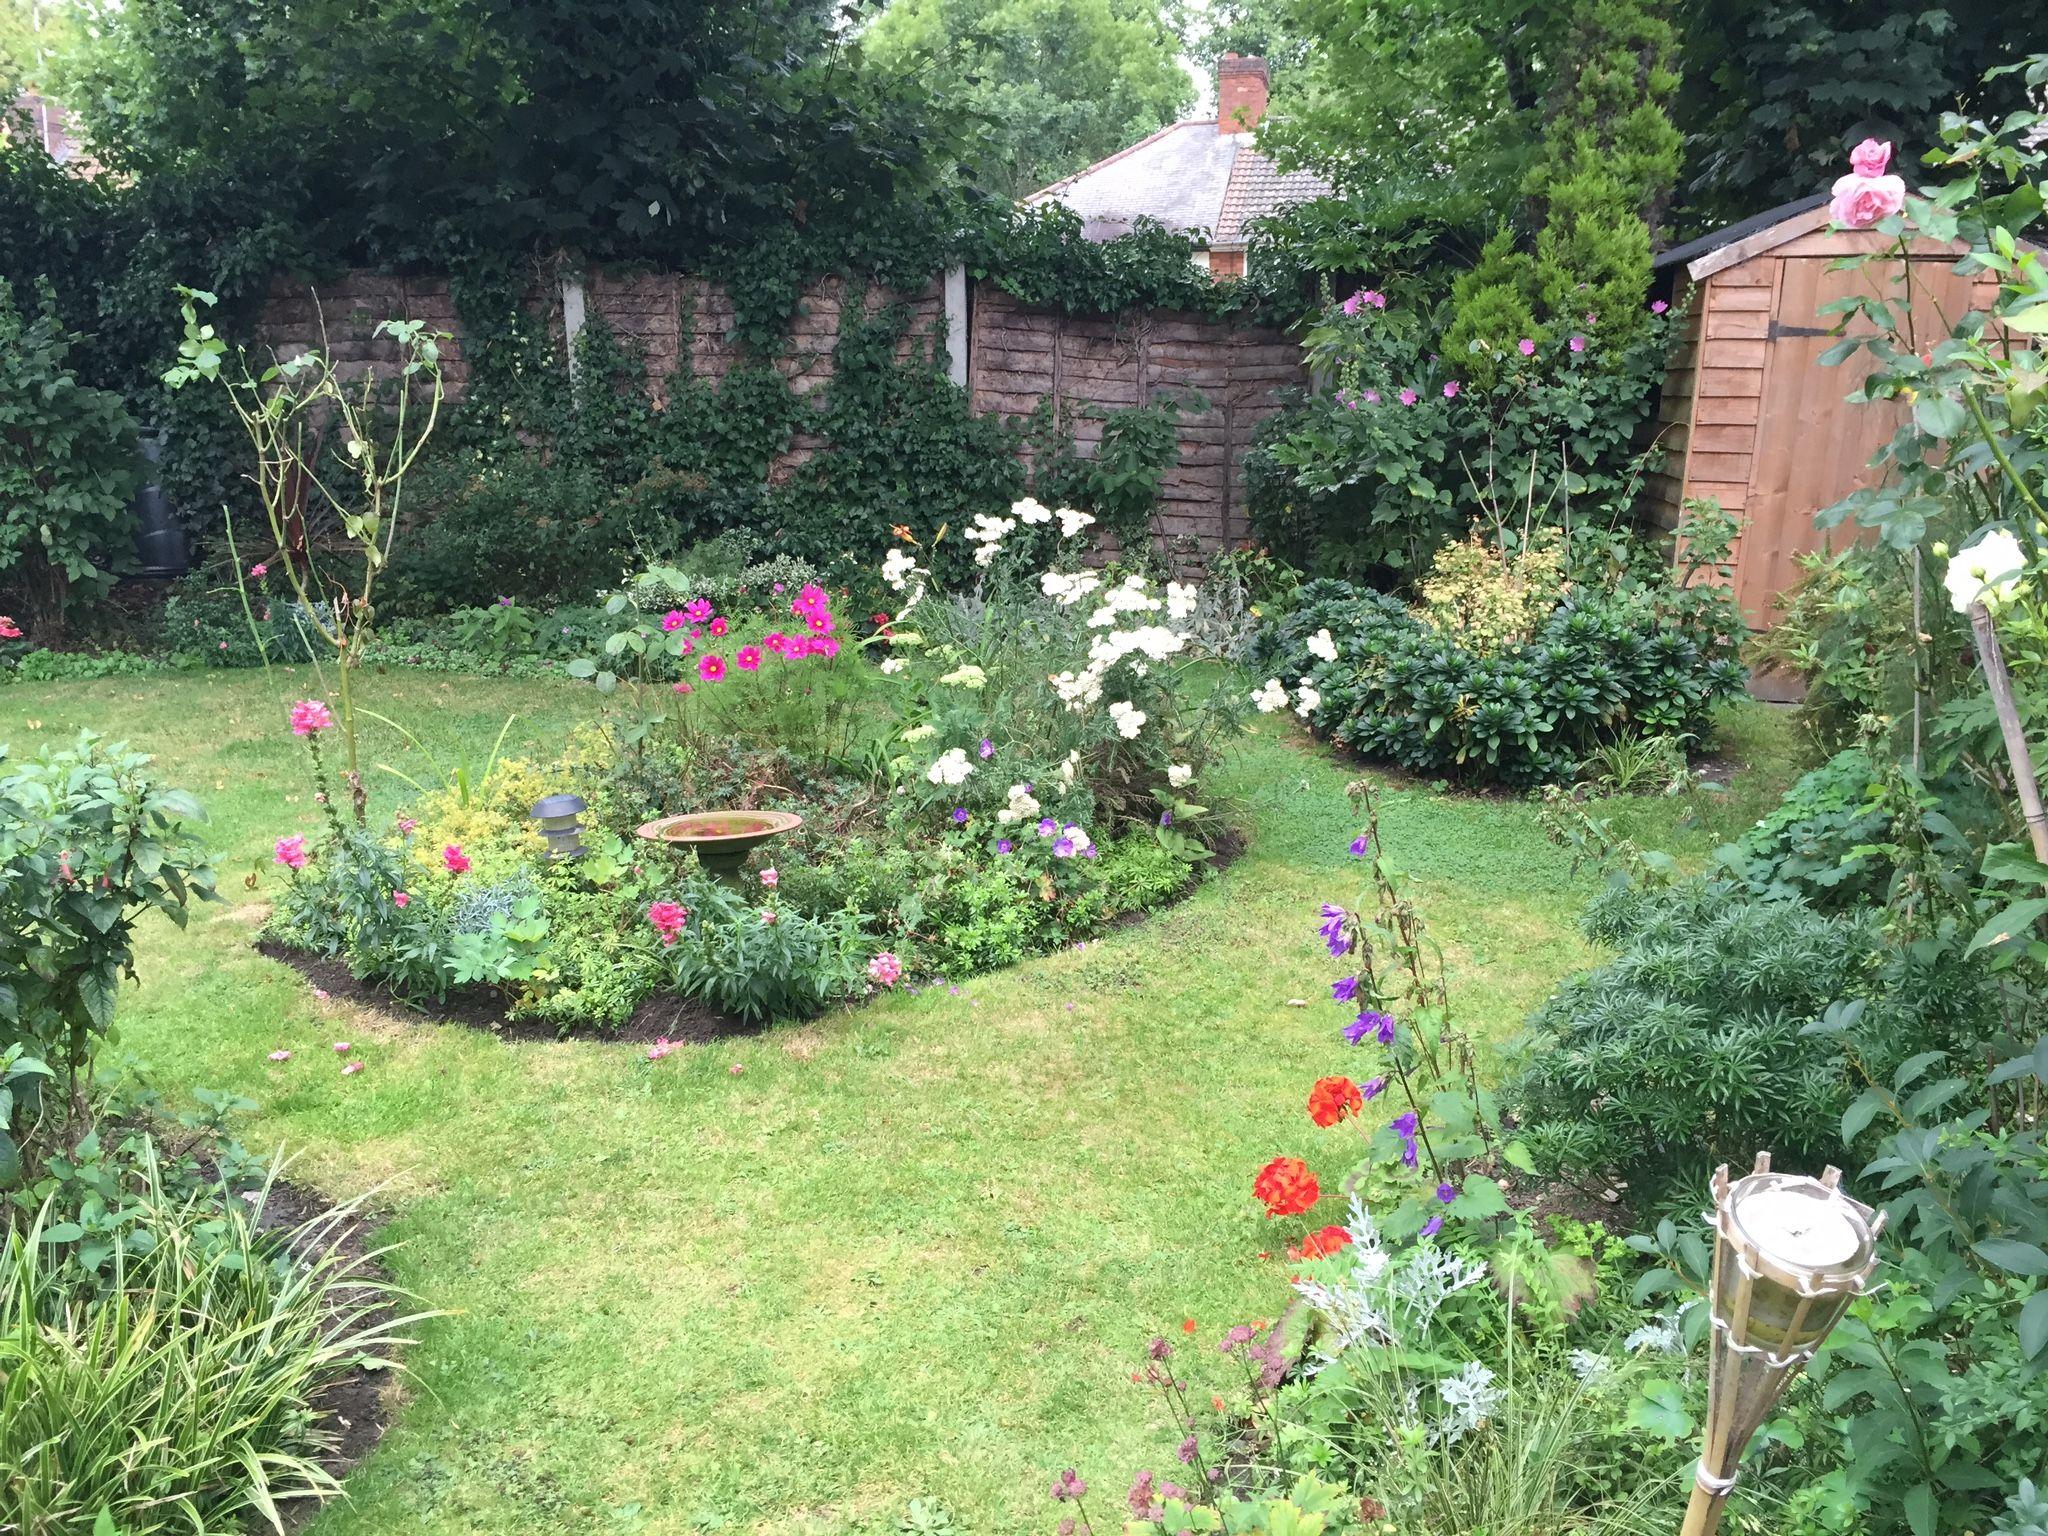 Corner shed in urban garden